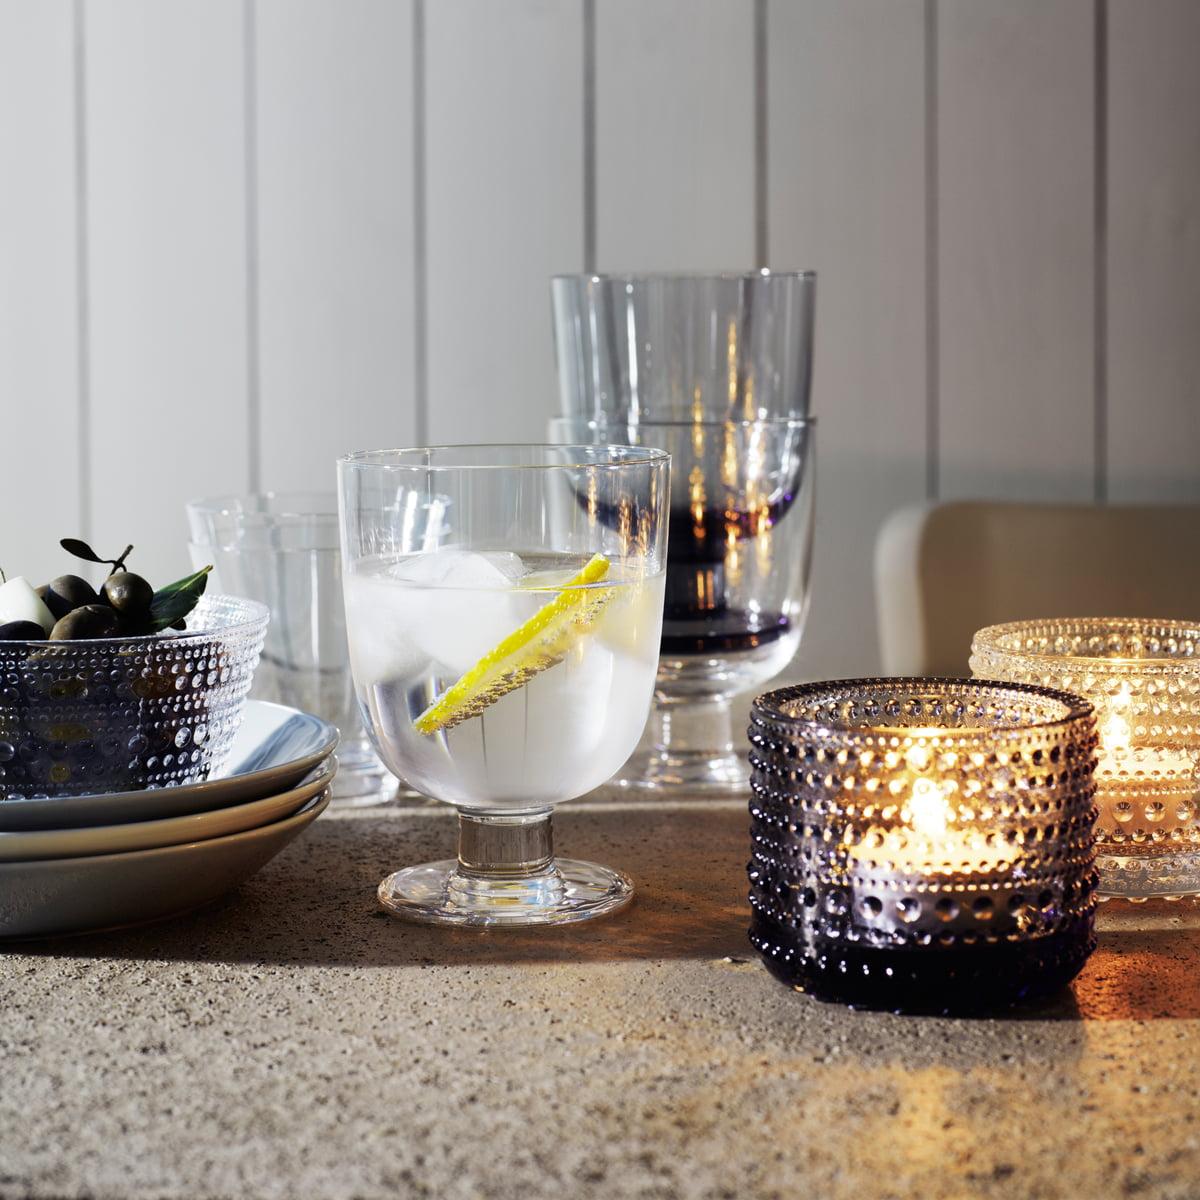 lempi kelchglas von iittala kaufen shop. Black Bedroom Furniture Sets. Home Design Ideas